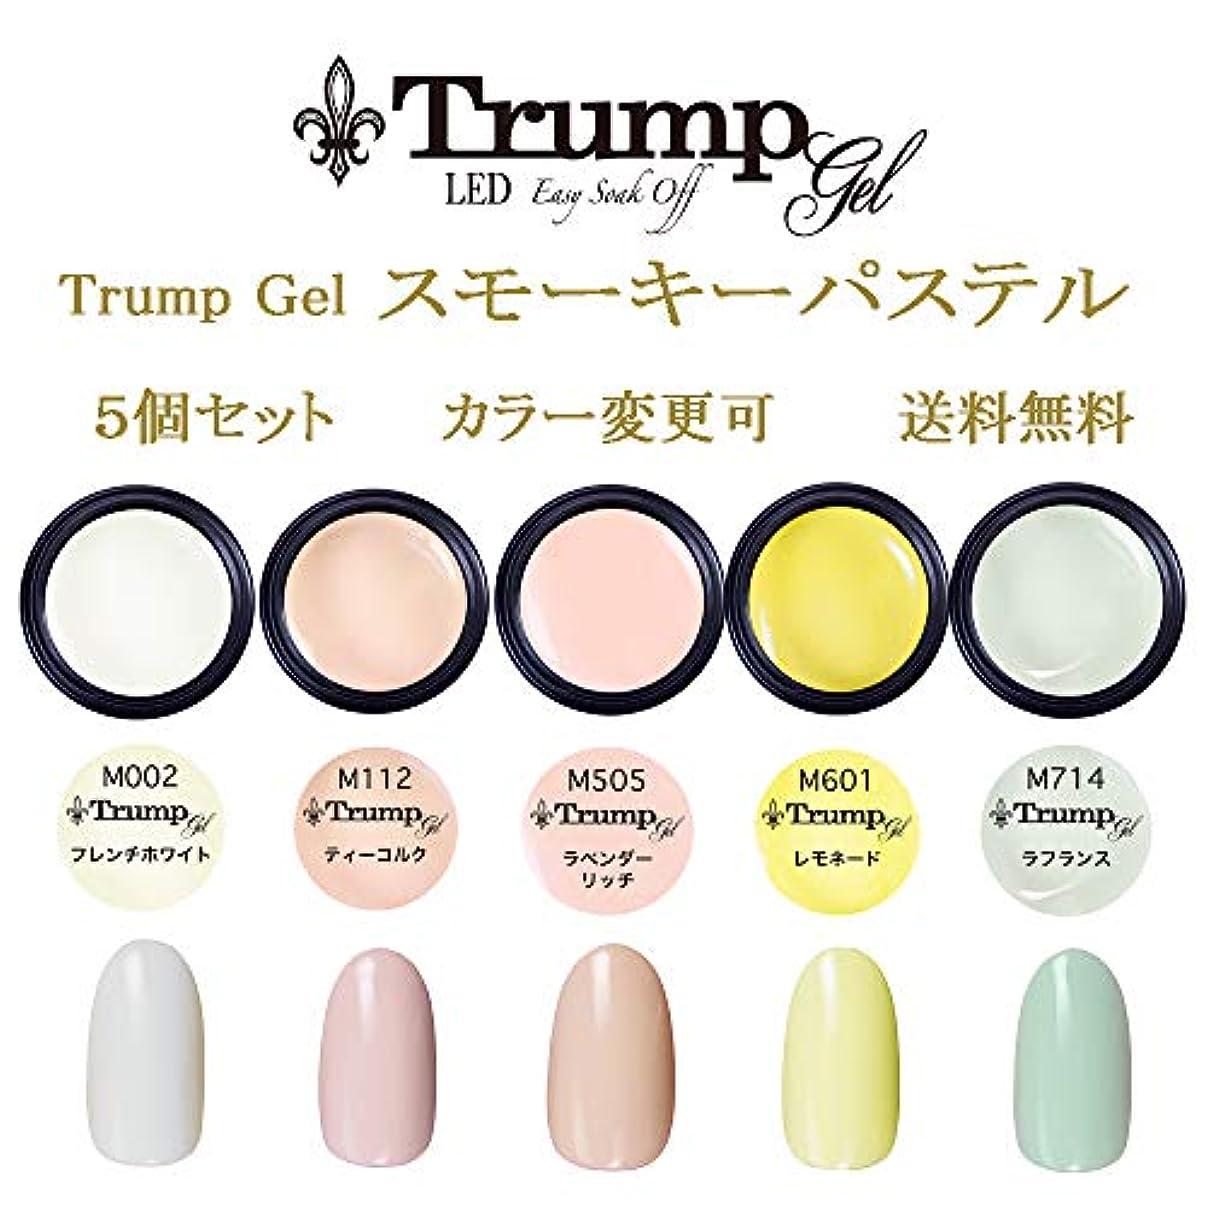 問い合わせるウミウシ排他的日本製 Trump gel トランプジェル スモーキー パステルカラー 選べる カラージェル5個セット ホワイト ベージュ ピンク イエロー グリーン